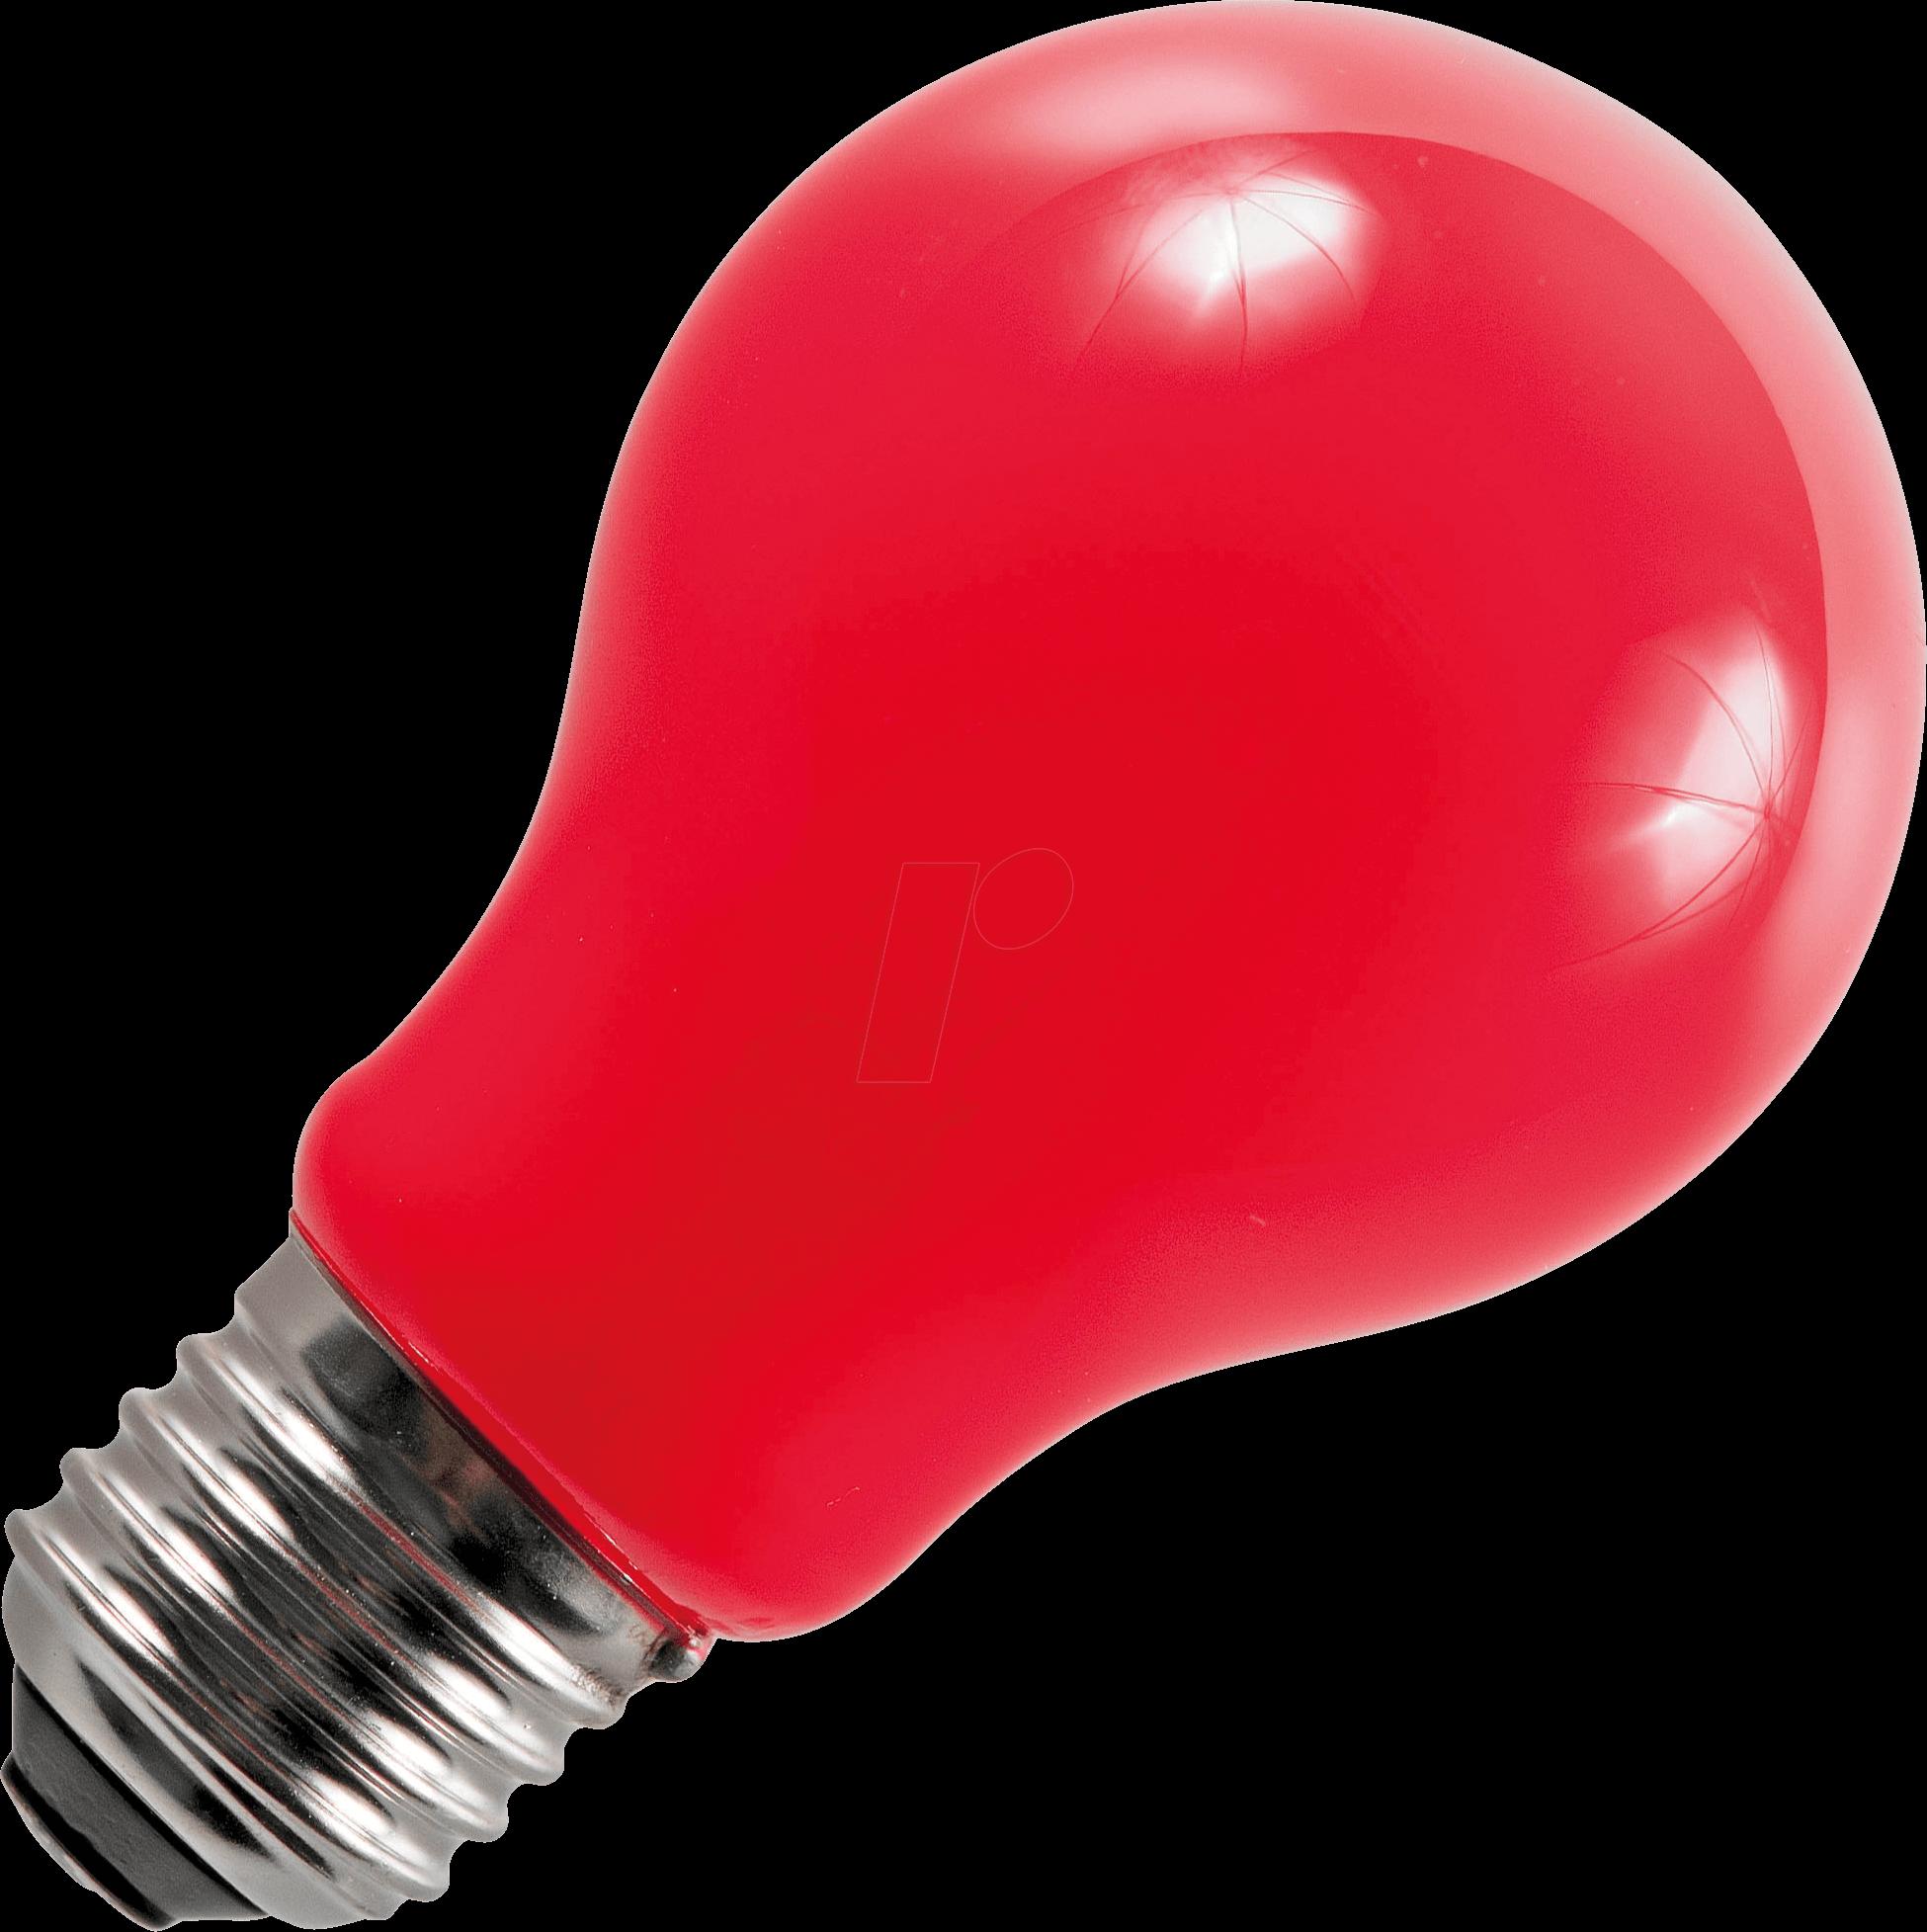 lampe e27 15w rot preisvergleich die besten angebote online kaufen. Black Bedroom Furniture Sets. Home Design Ideas